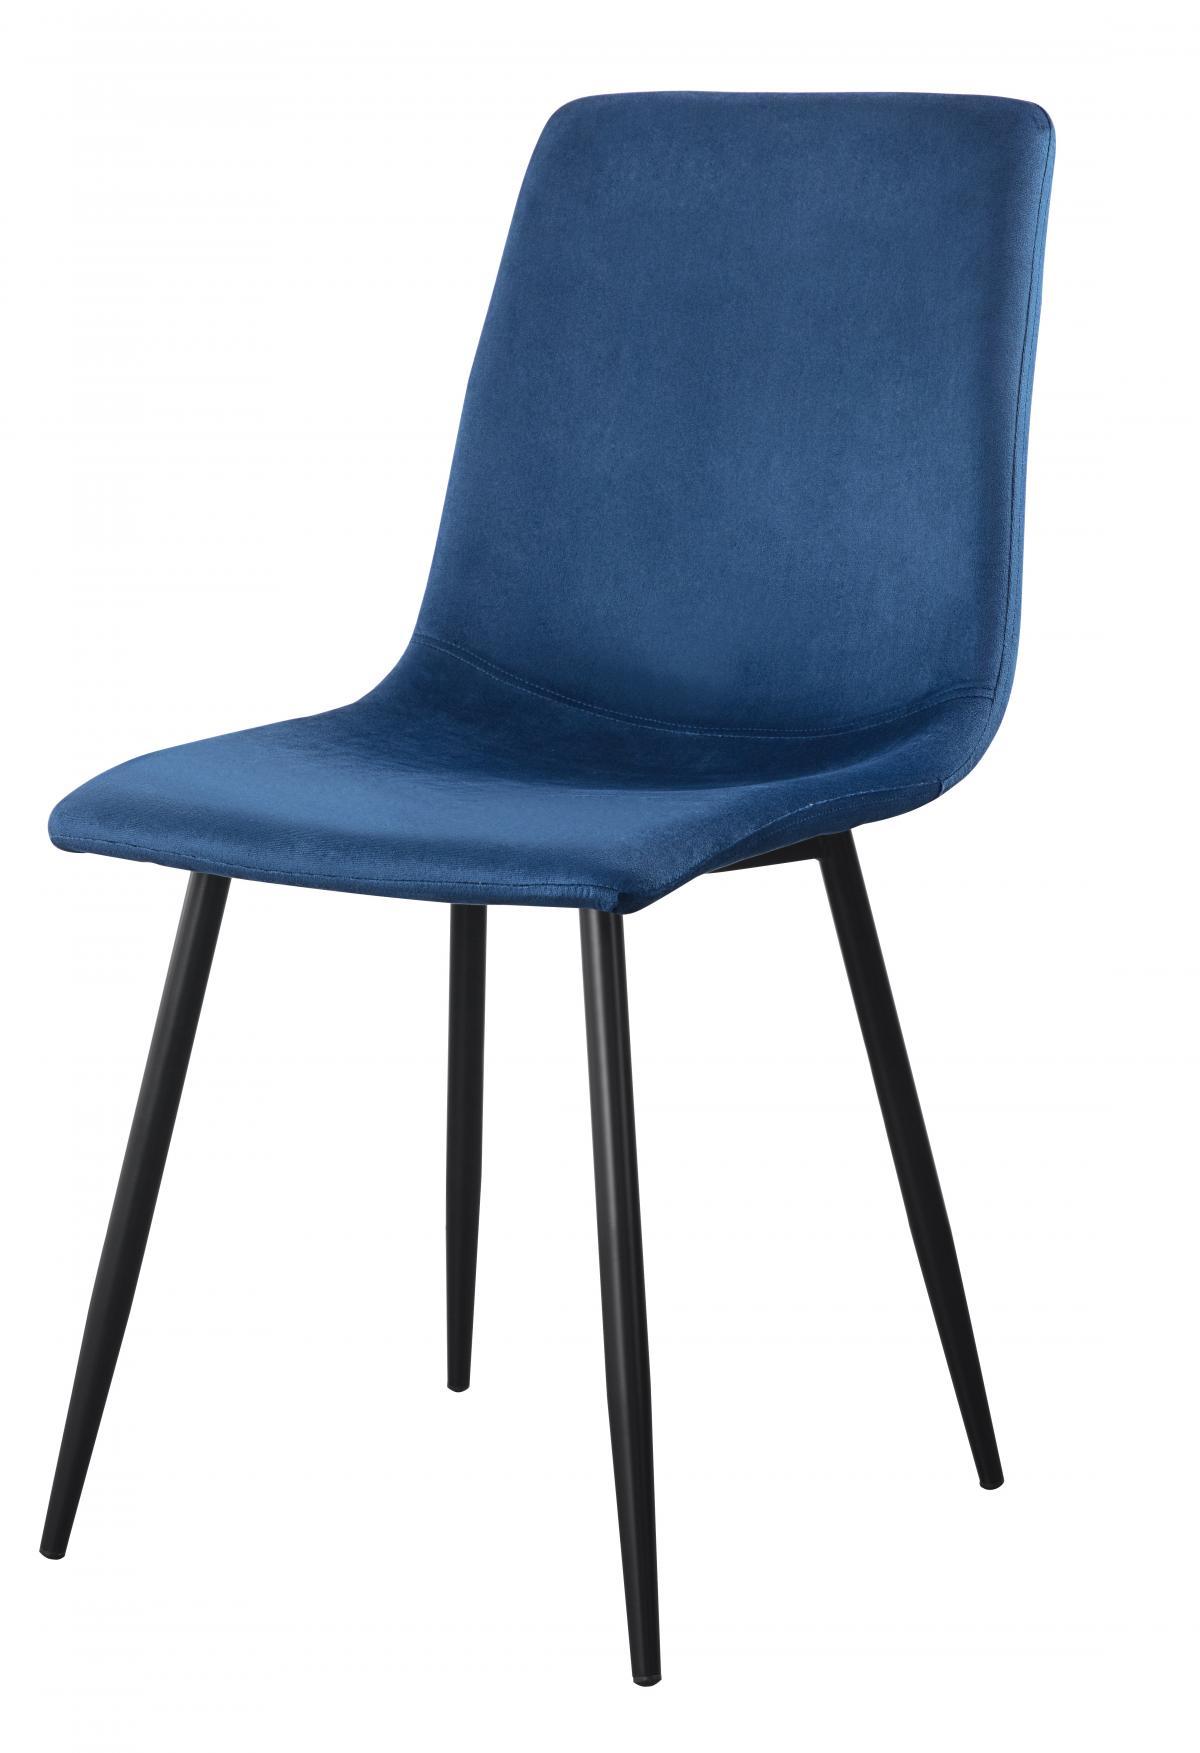 כסא לפינת אוכל דגם Madison בד קטיפתי כחול